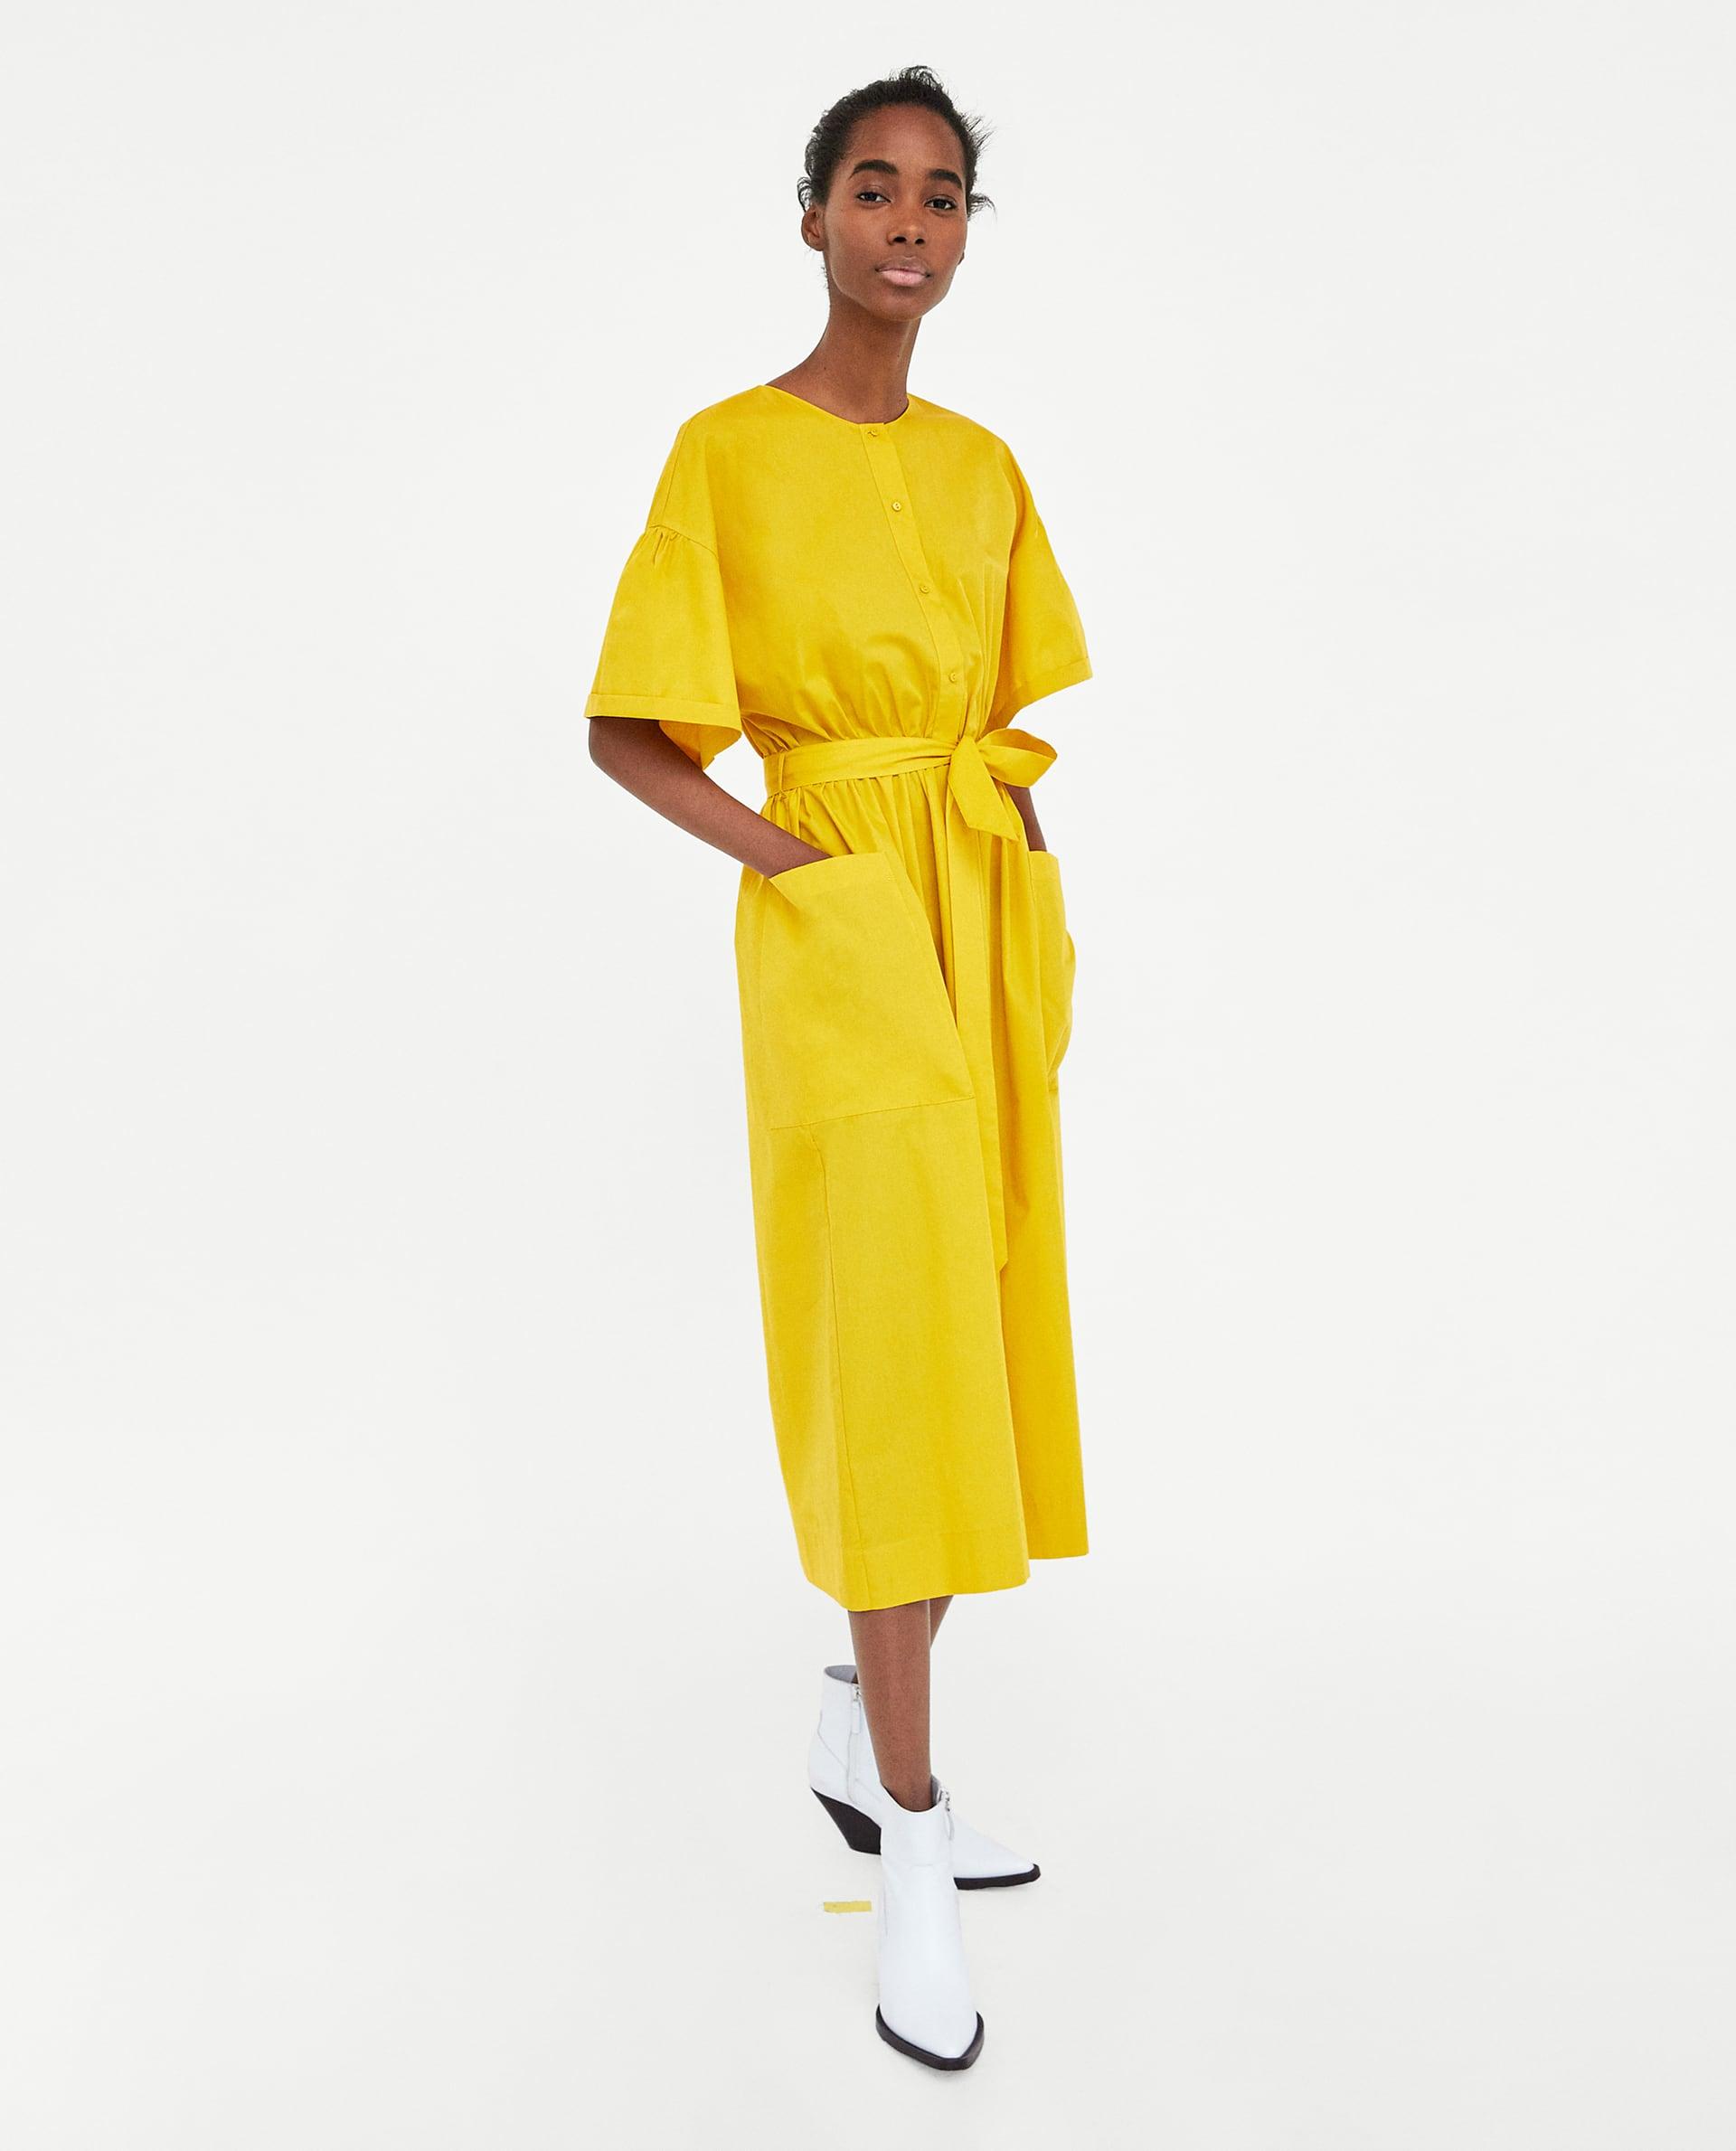 10. kép:   Sárga ruha Zara 12 995 Ft